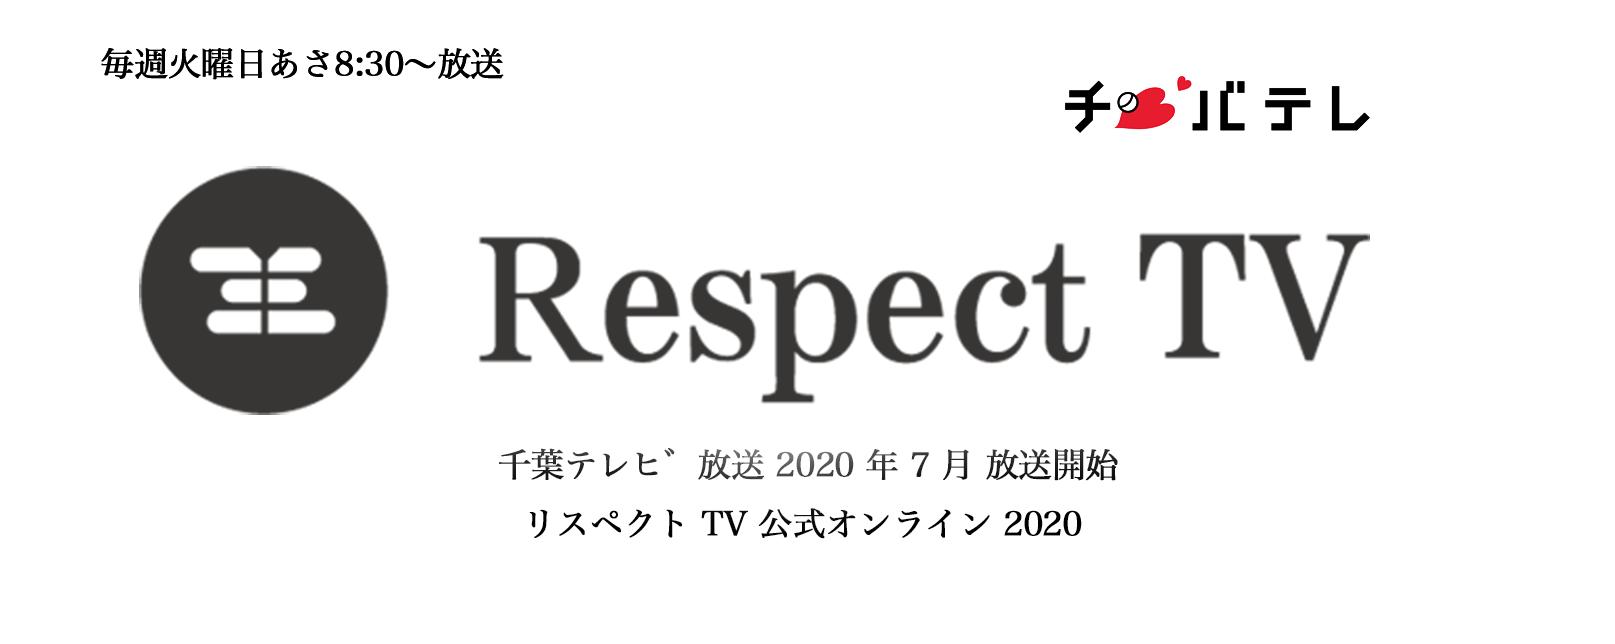 リスペクトTV